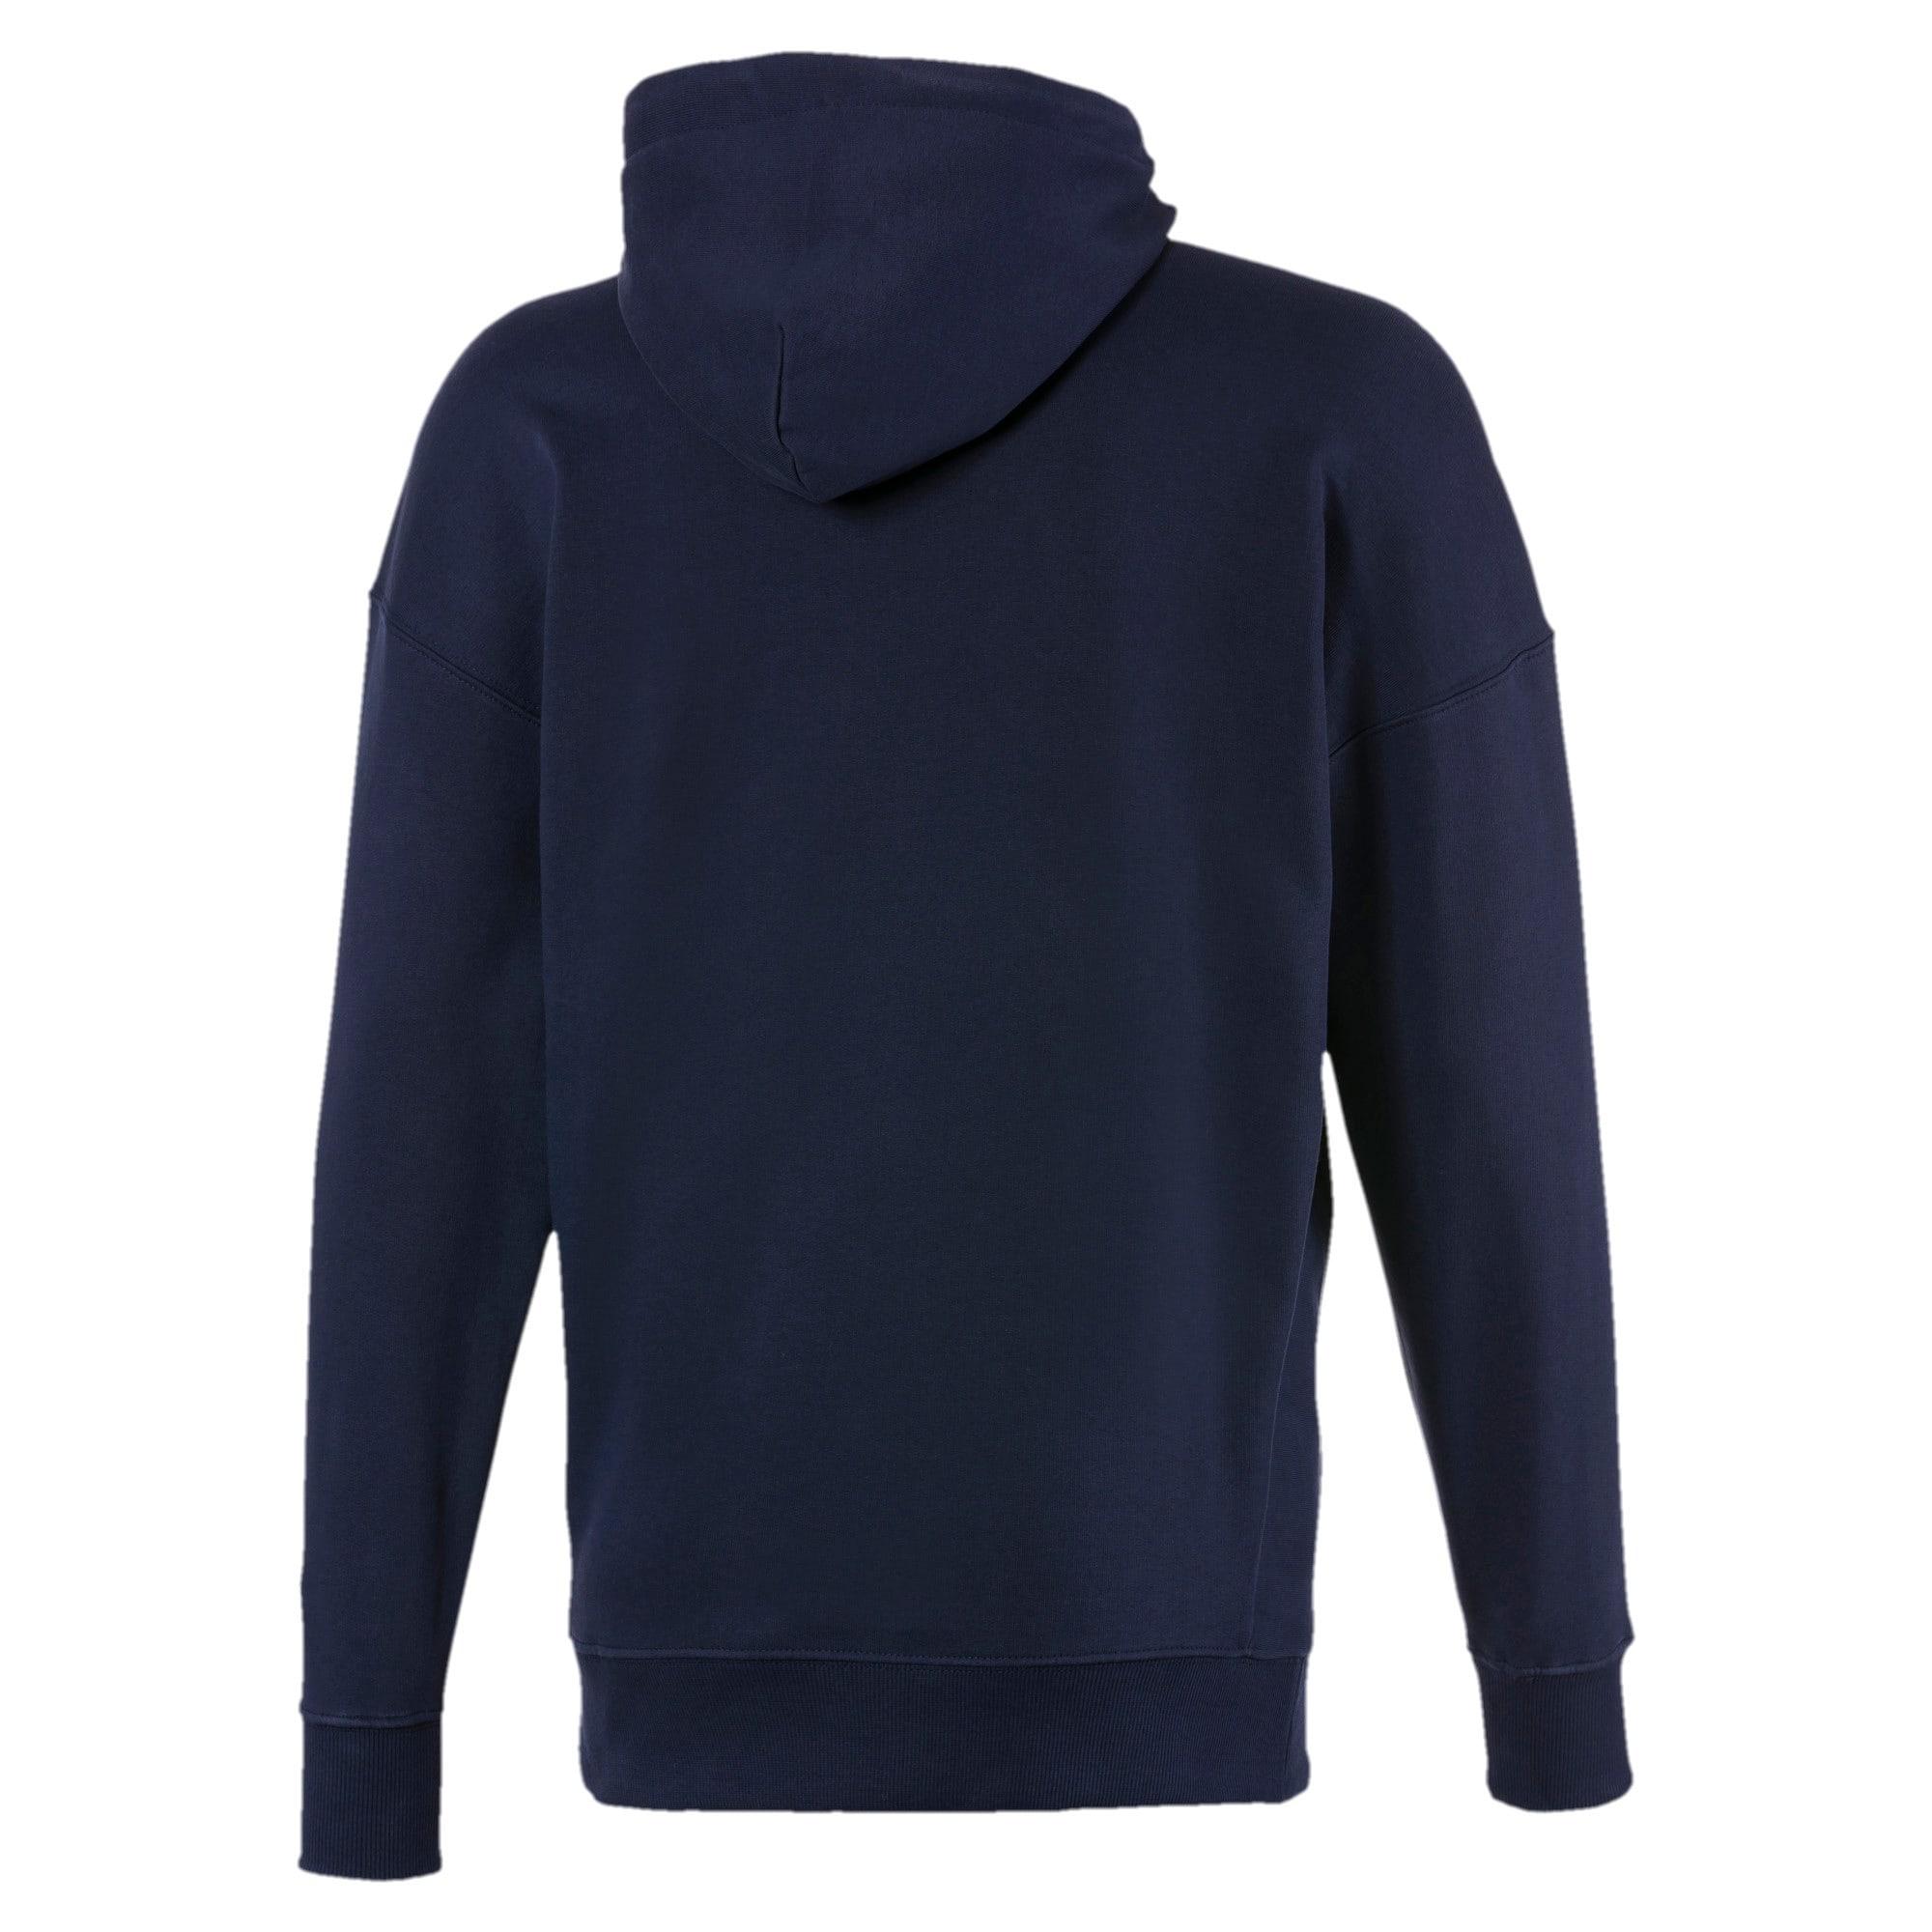 Miniatura 3 de Chaqueta con capucha para hombre OG, Peacoat, mediano